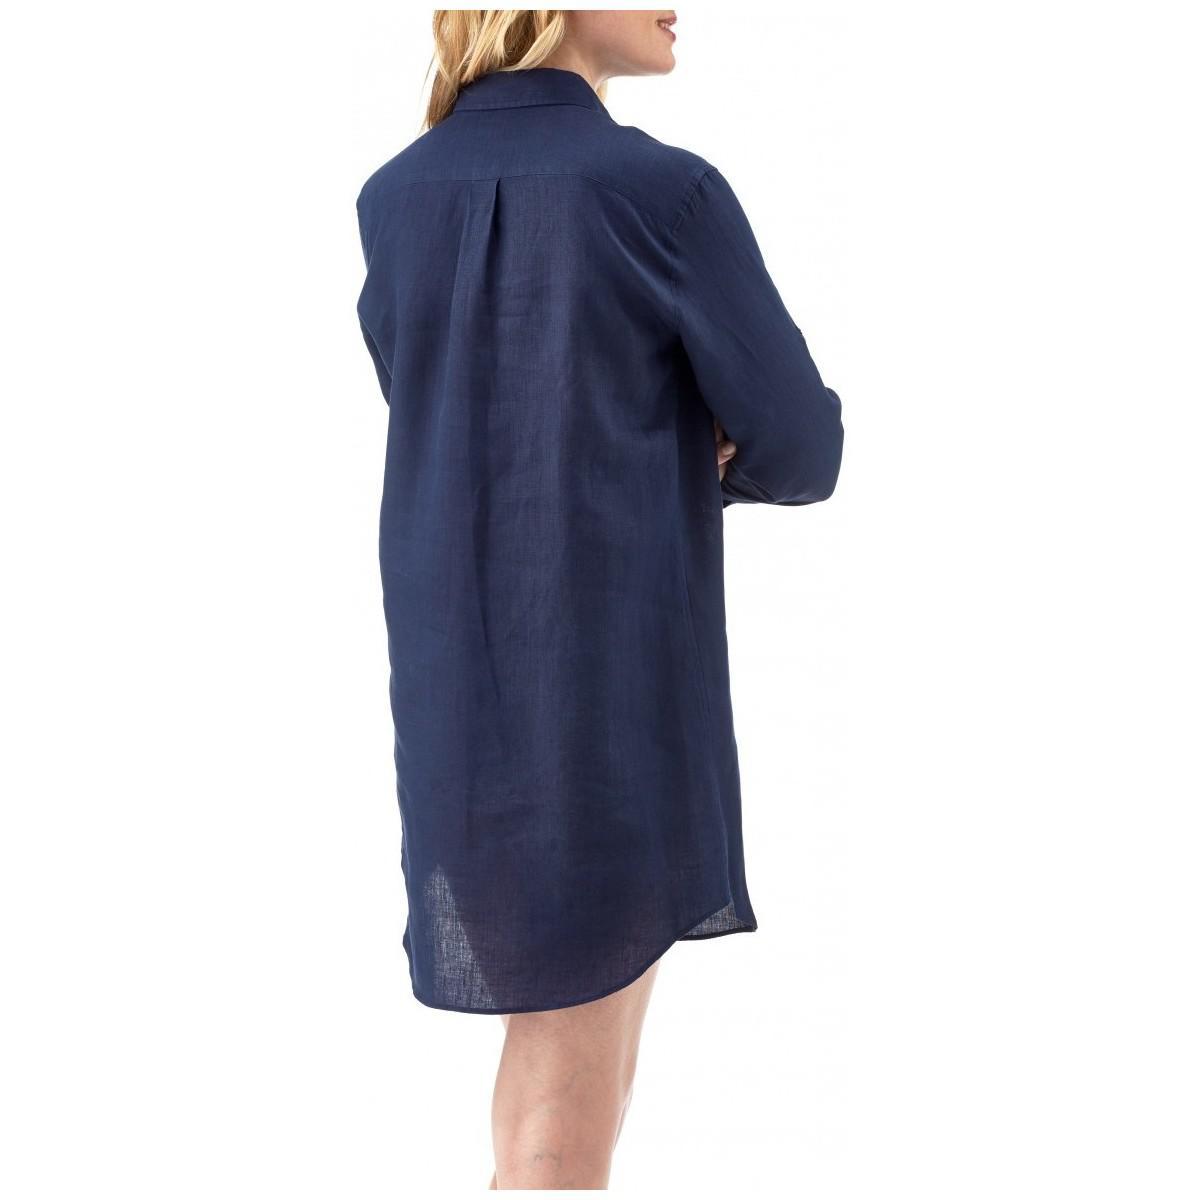 Chemise Longue en Lin Boyfriend Fragance femmes Chemise en bleu Lin Vilebrequin en coloris Bleu - 17 % de réduction